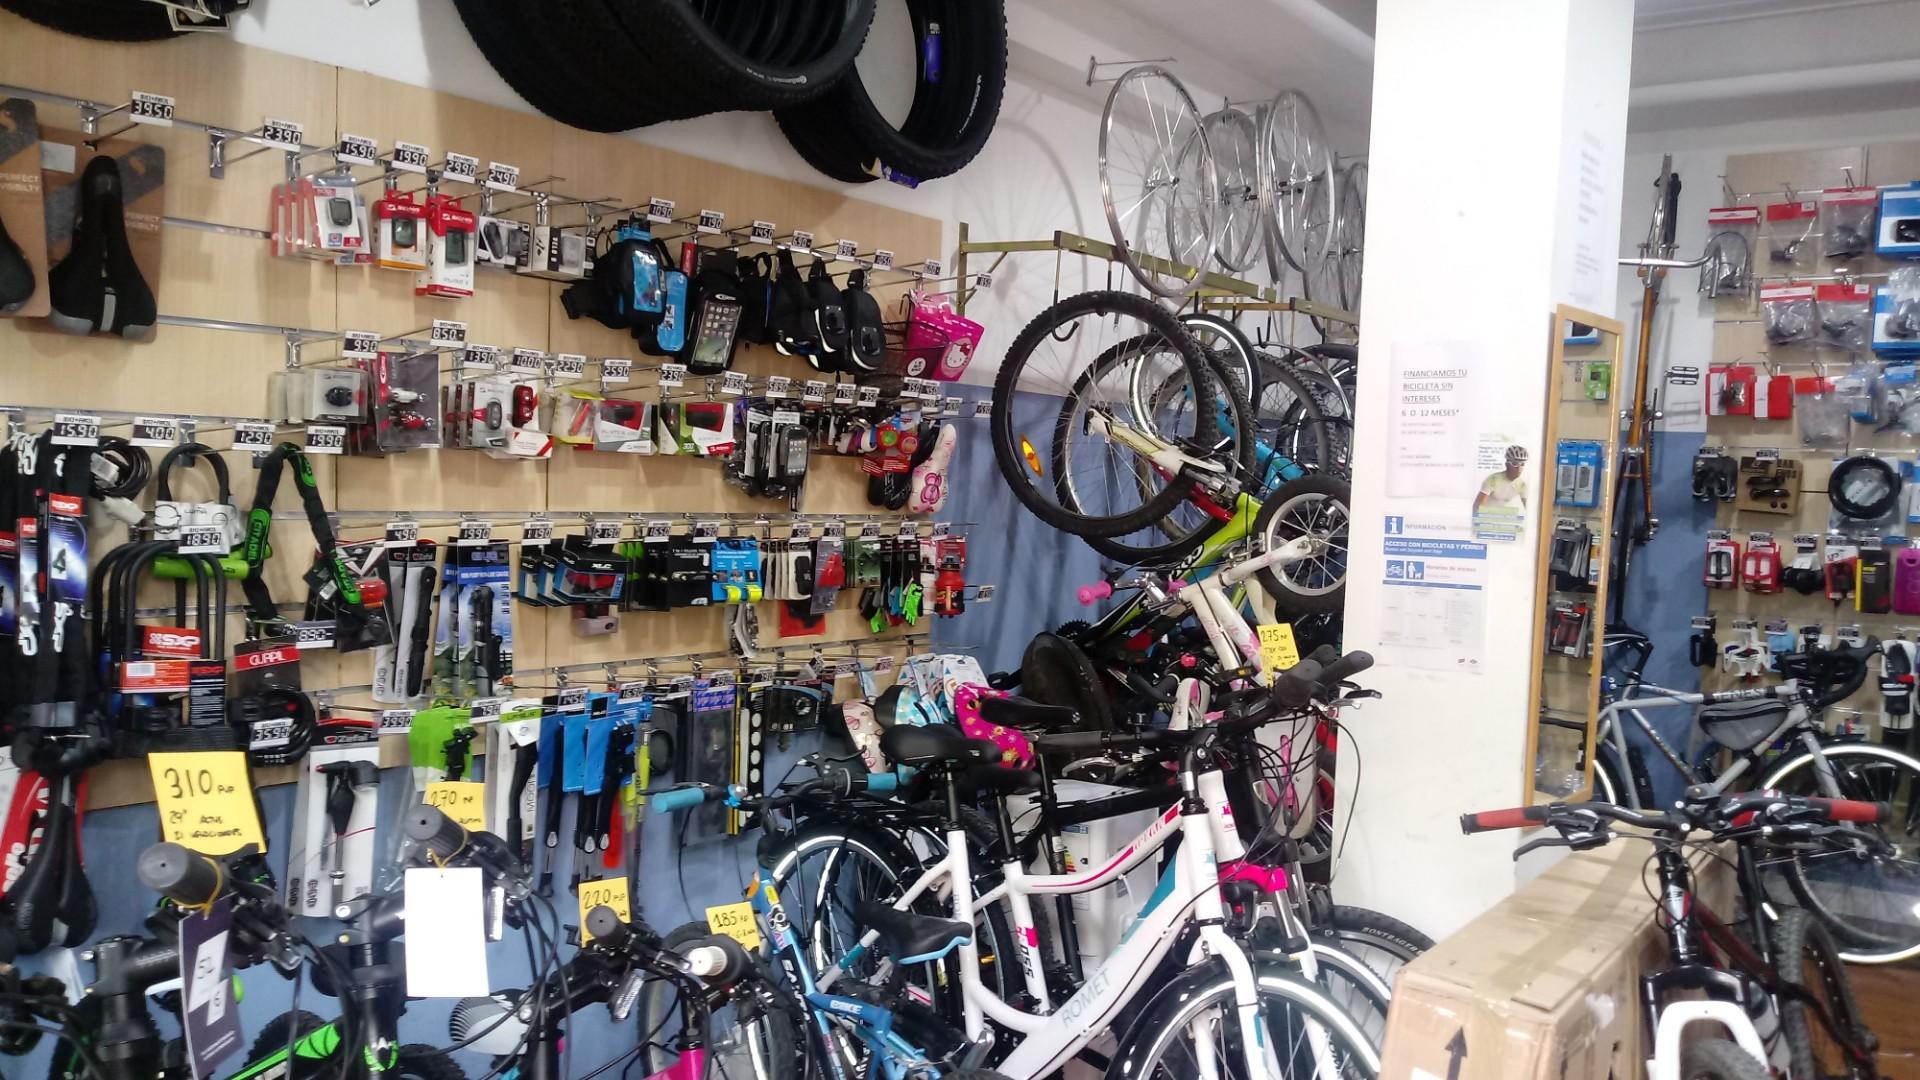 Tienda y taller de bicicletas en Legazpi, Madrid